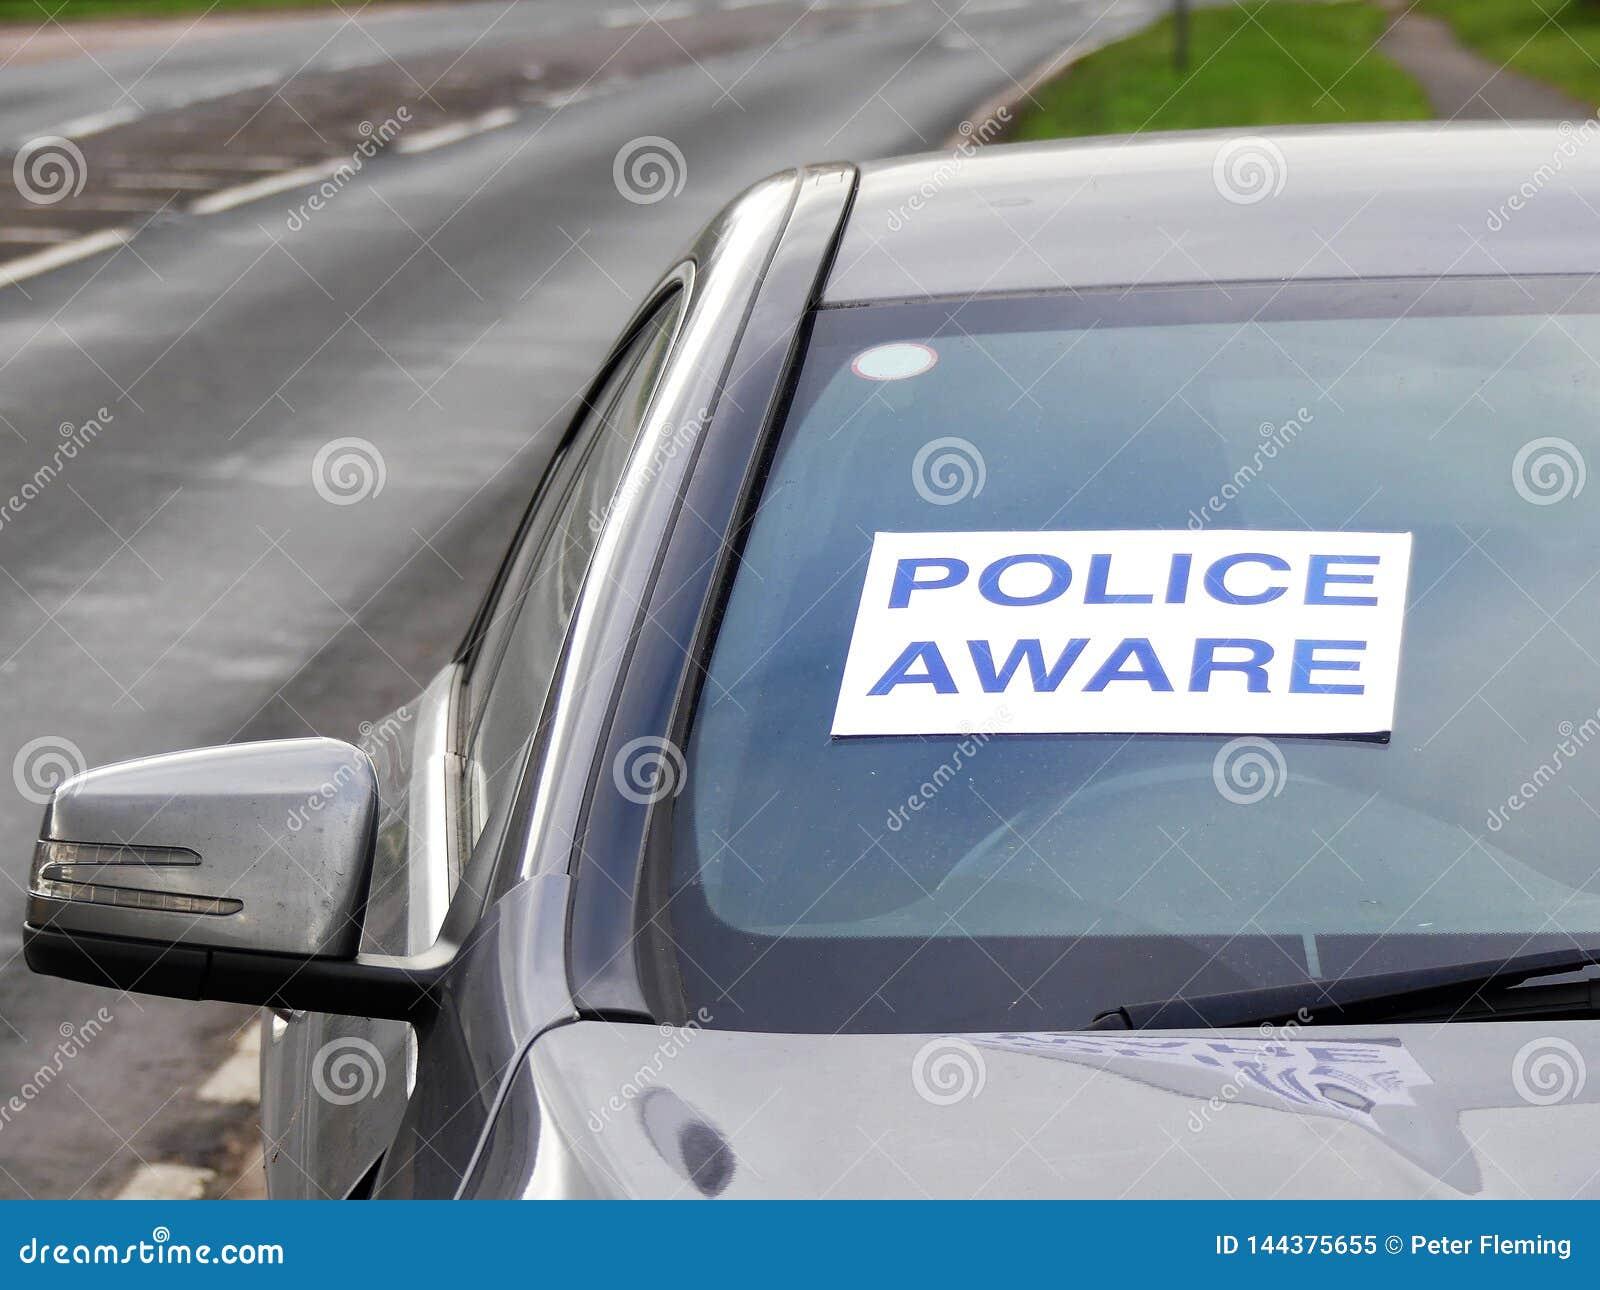 Milicyjny świadomy podpisuje wewnątrz okno wymagającego w kraksie samochodowej pojazd